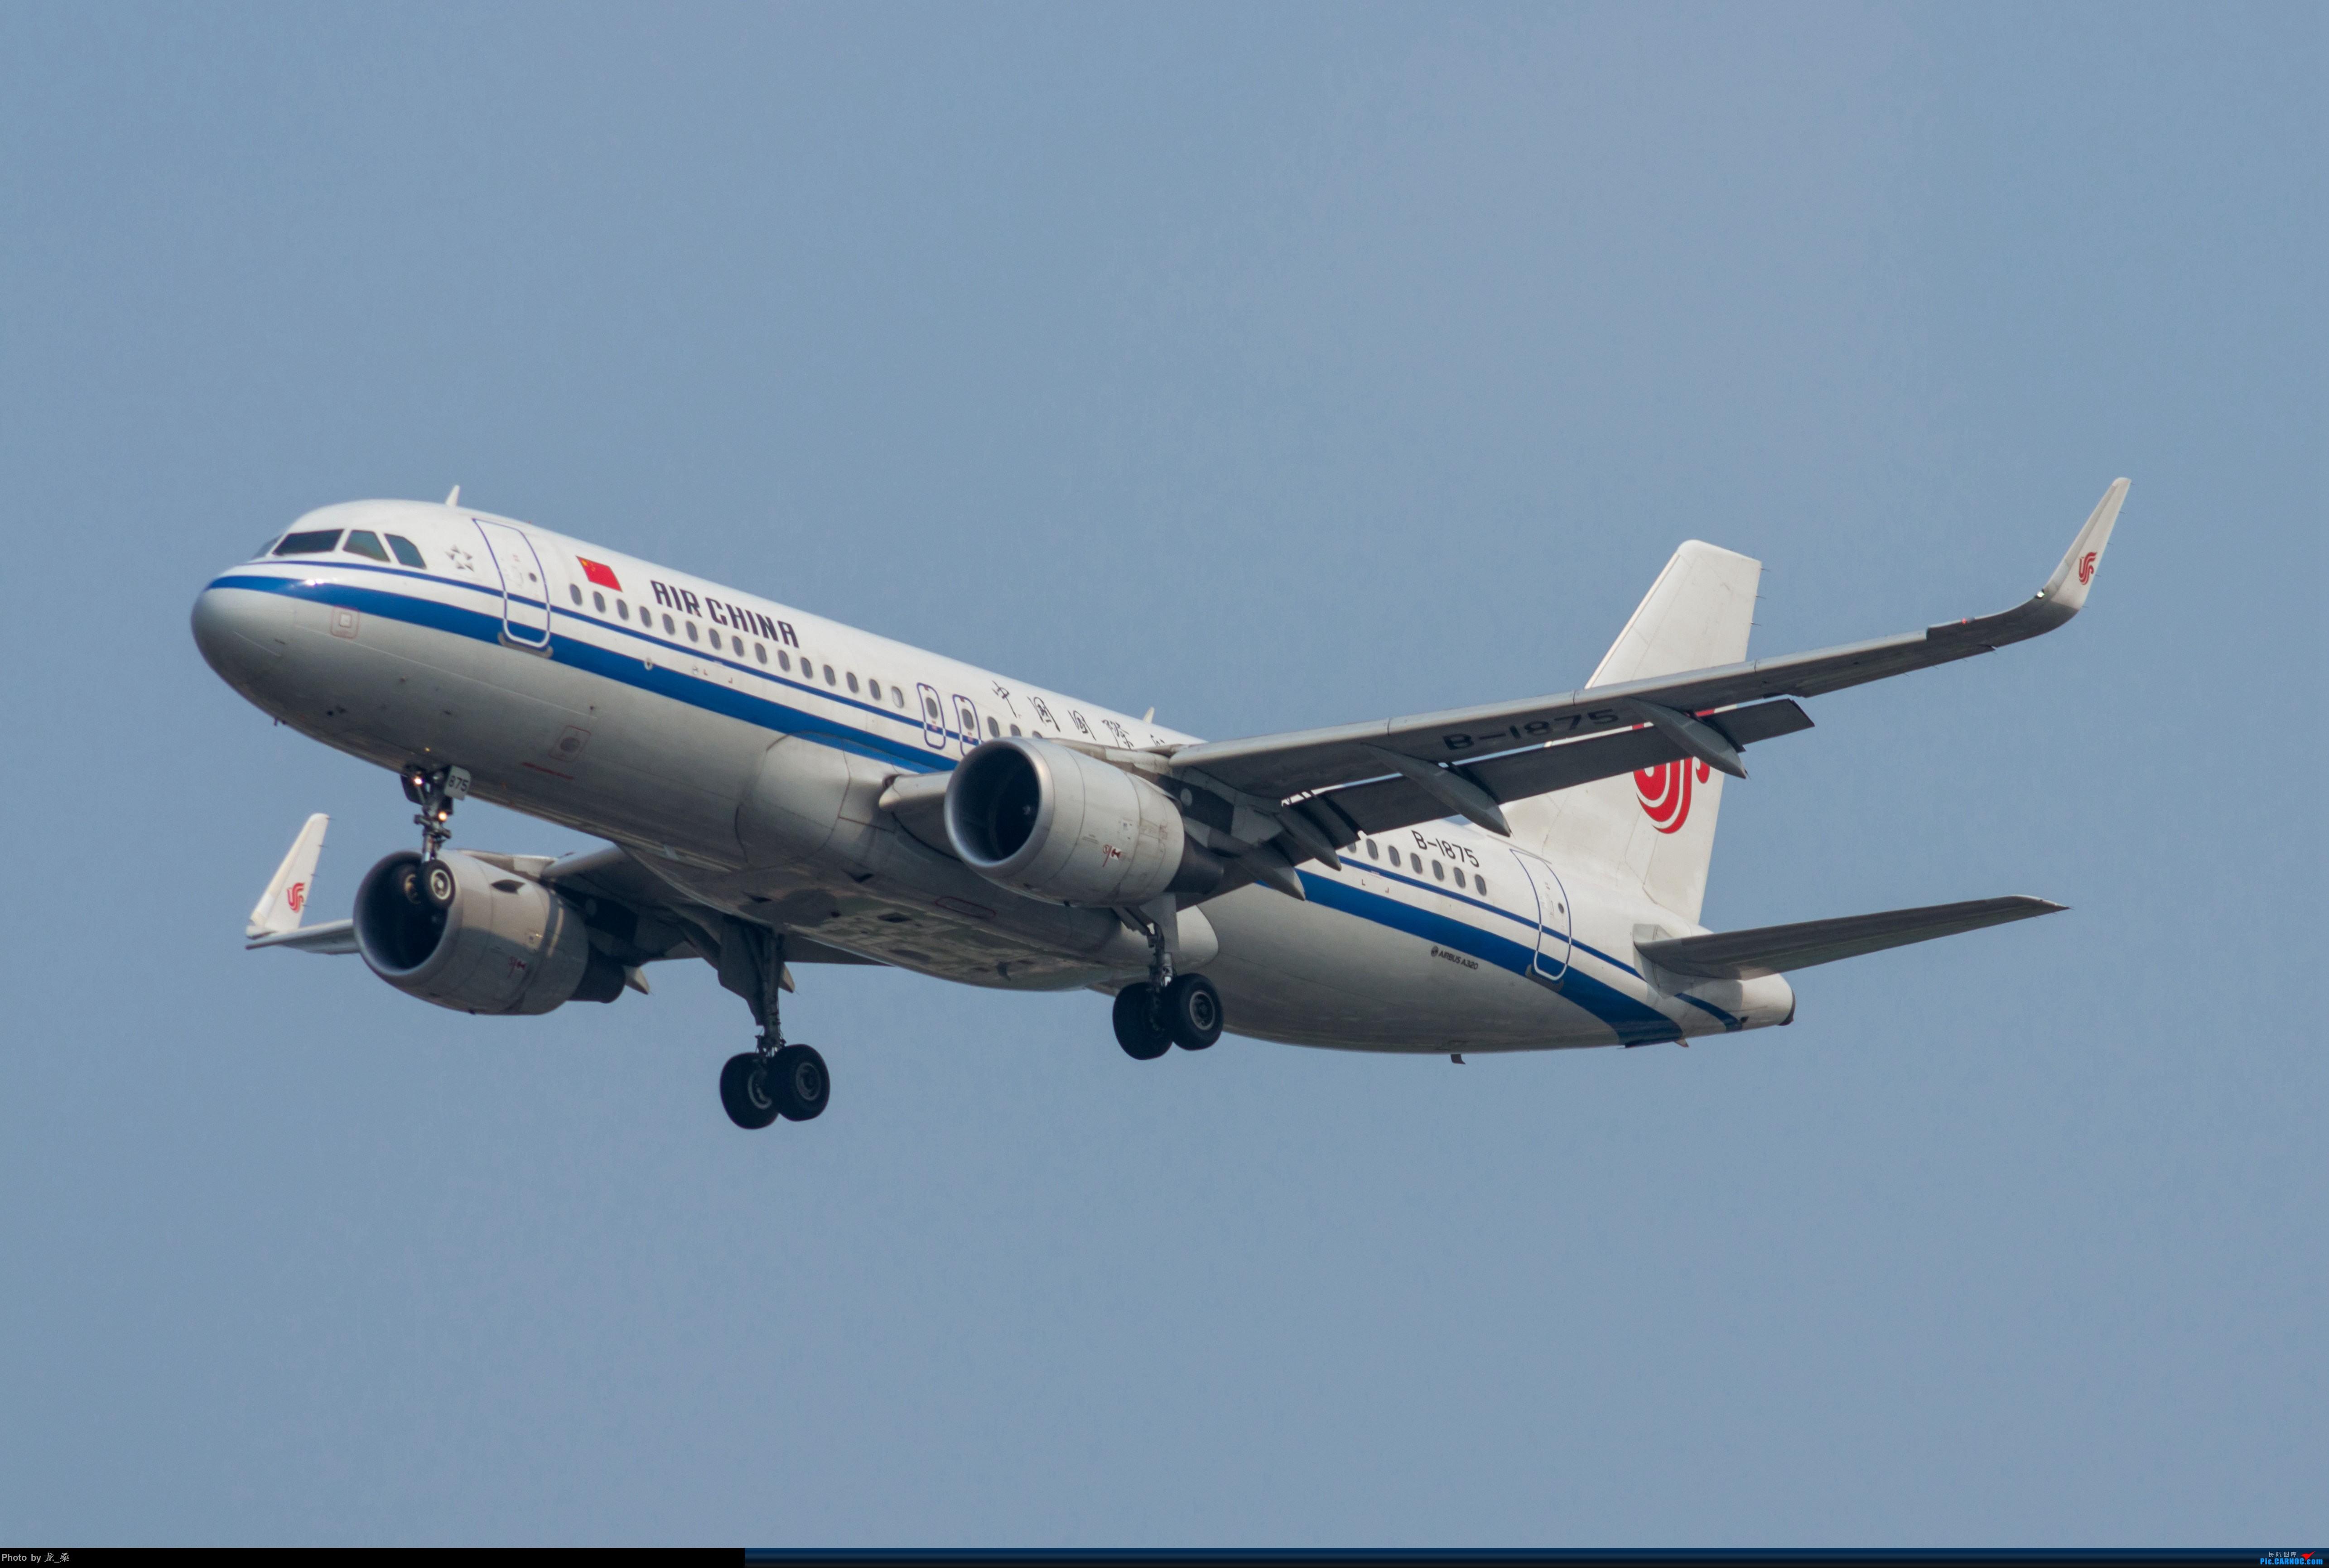 Re:[原创]发一组老图,去年拍的CAN东跑道进近 AIRBUS A320-200 B-1875 中国广州白云国际机场